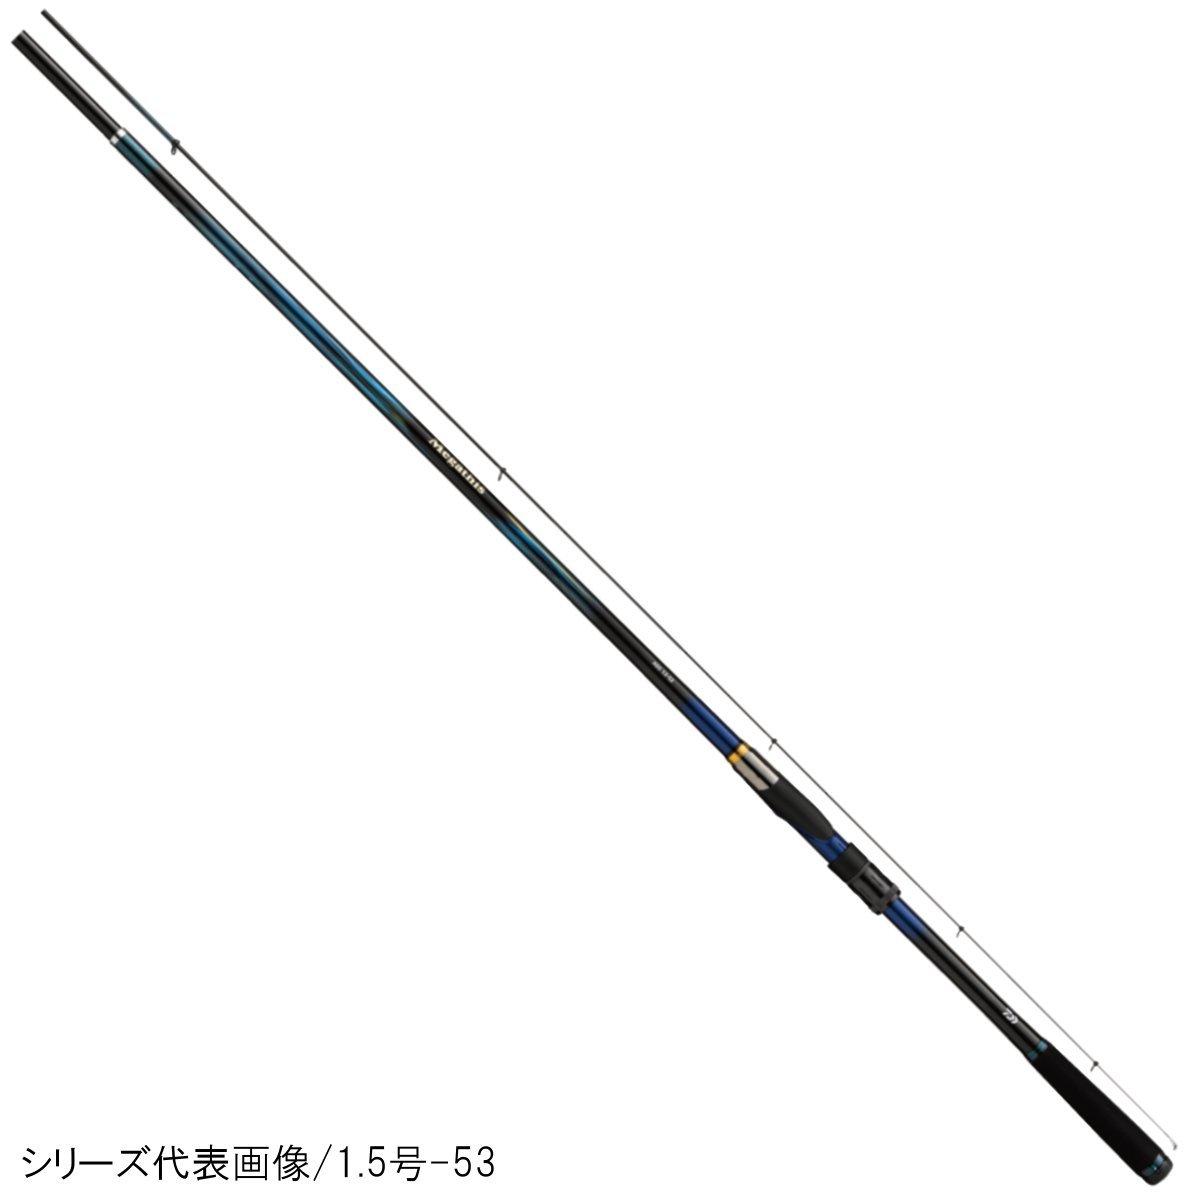 ダイワ(DAIWA) スピニング メガディス AGS 1.5号-50 釣り竿   B074BNLLTX